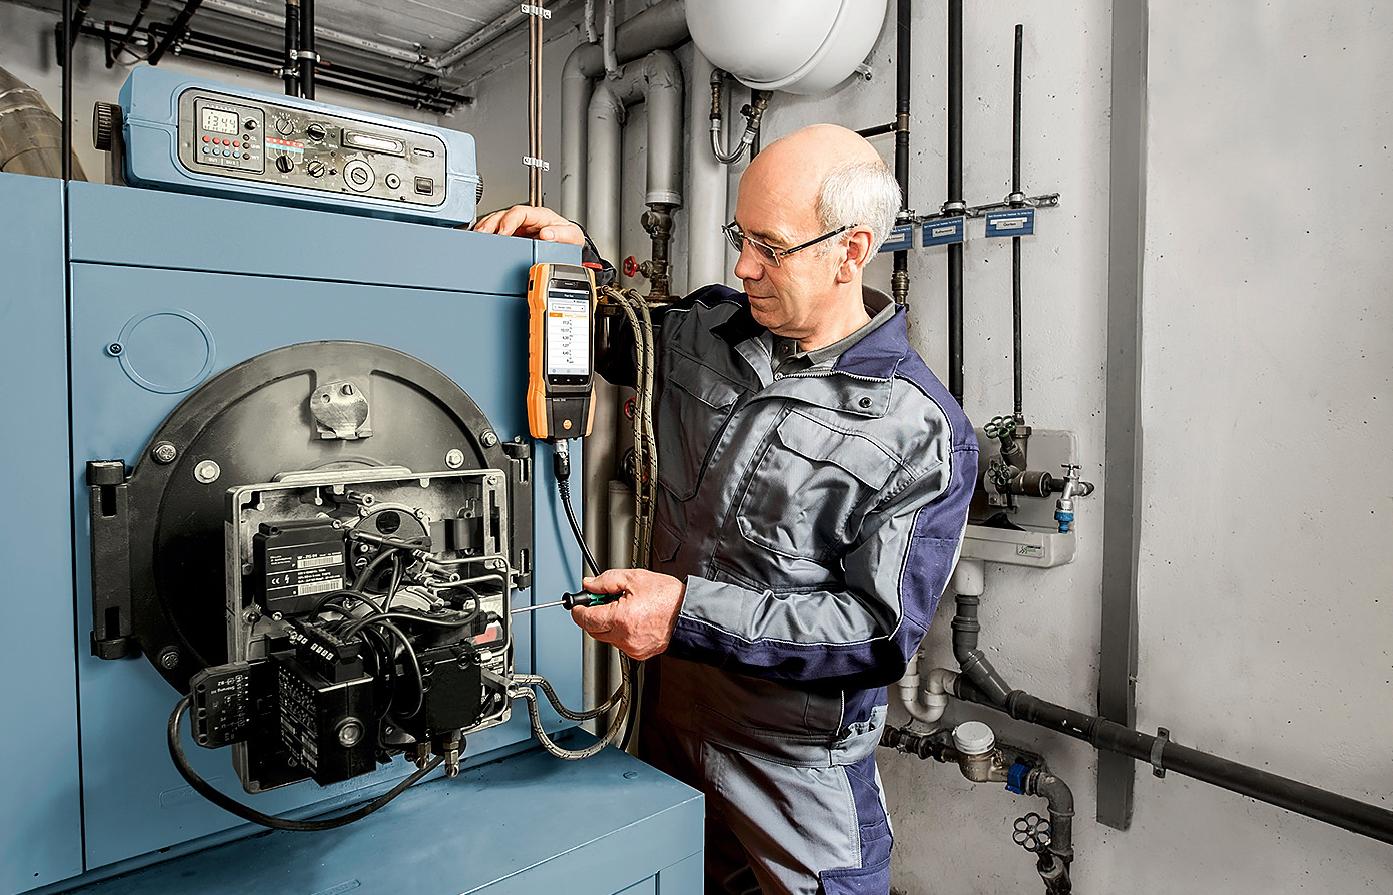 Ведущие производители котельного оборудования оценили новый smart-анализатор testo 300. 9/2019. Фото 4